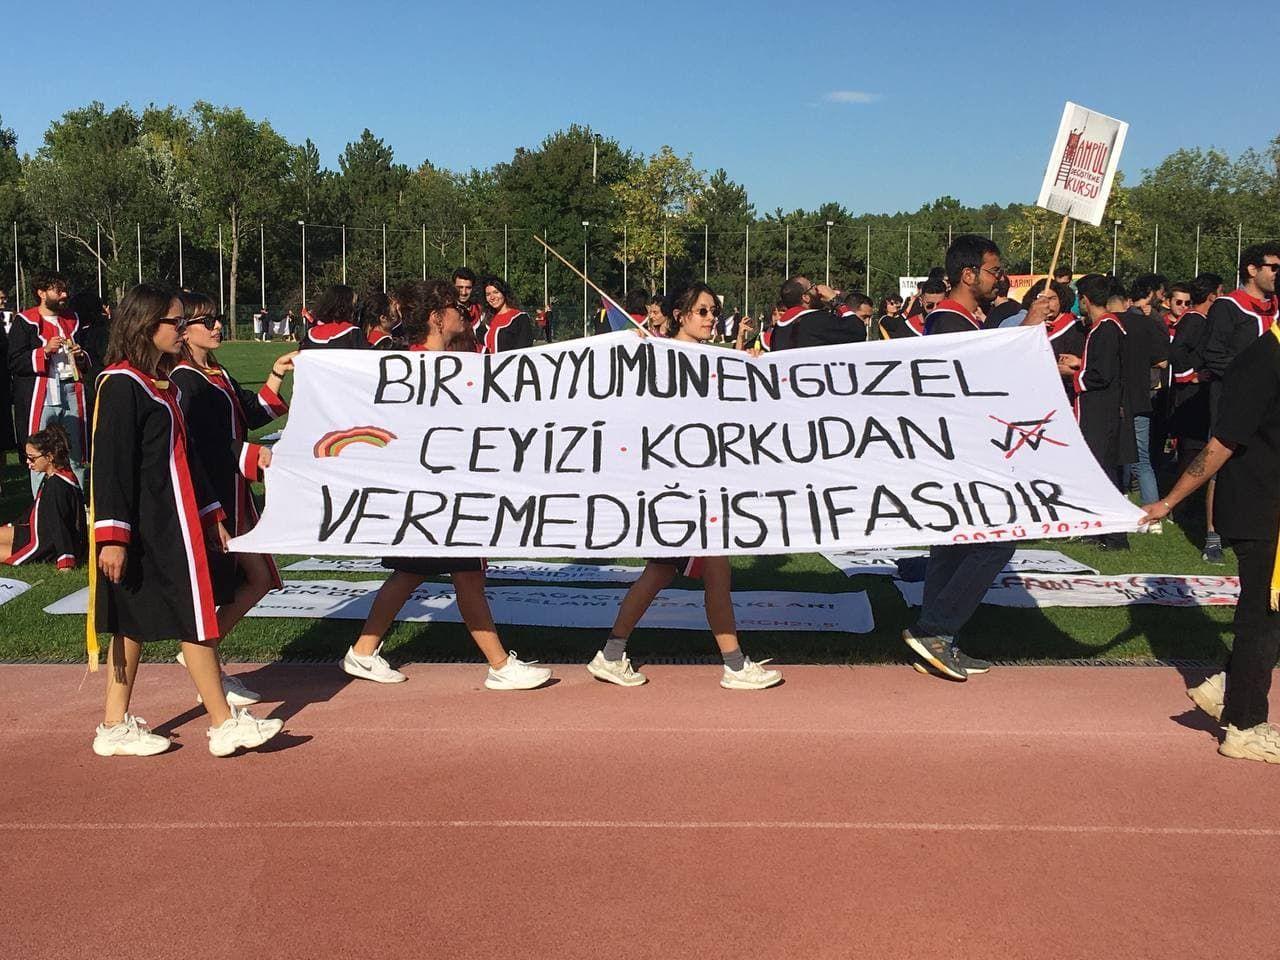 ODTÜ mezuniyet törenine pankartlar damga vurdu! ODTÜ'lü gençlerden Erdoğan ve AK Parti'ye ince mesajlar! - Sayfa:2